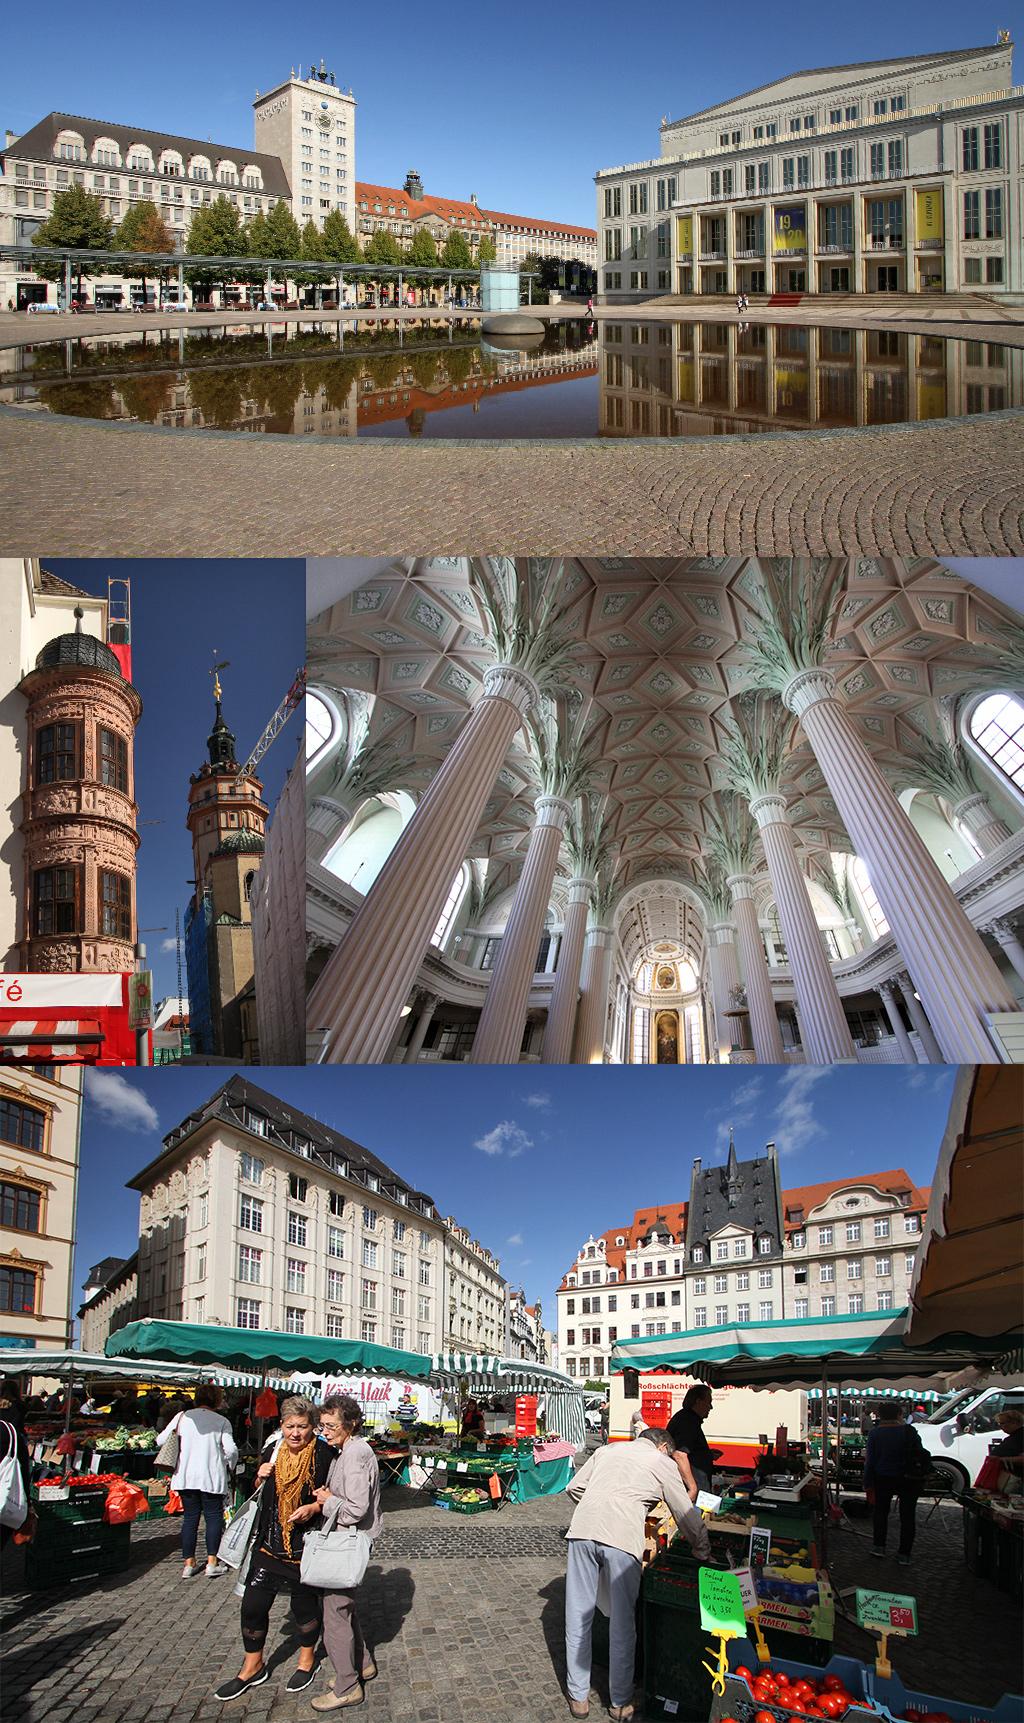 wandeling door het centrum van Leipzig